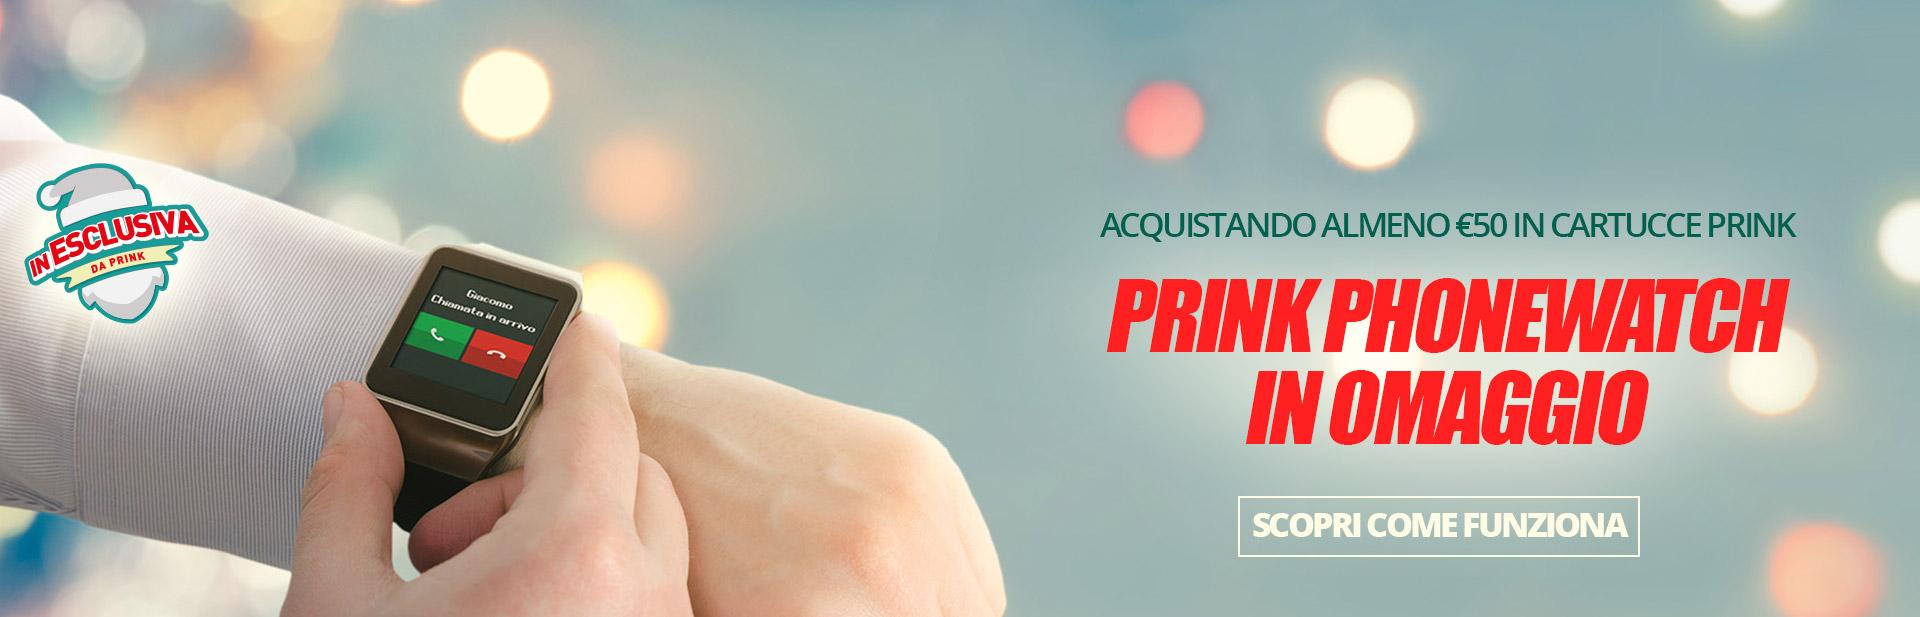 phonewatch-orologio-multifunzione-con-SIM-card-in-omaggio-Prink-SL